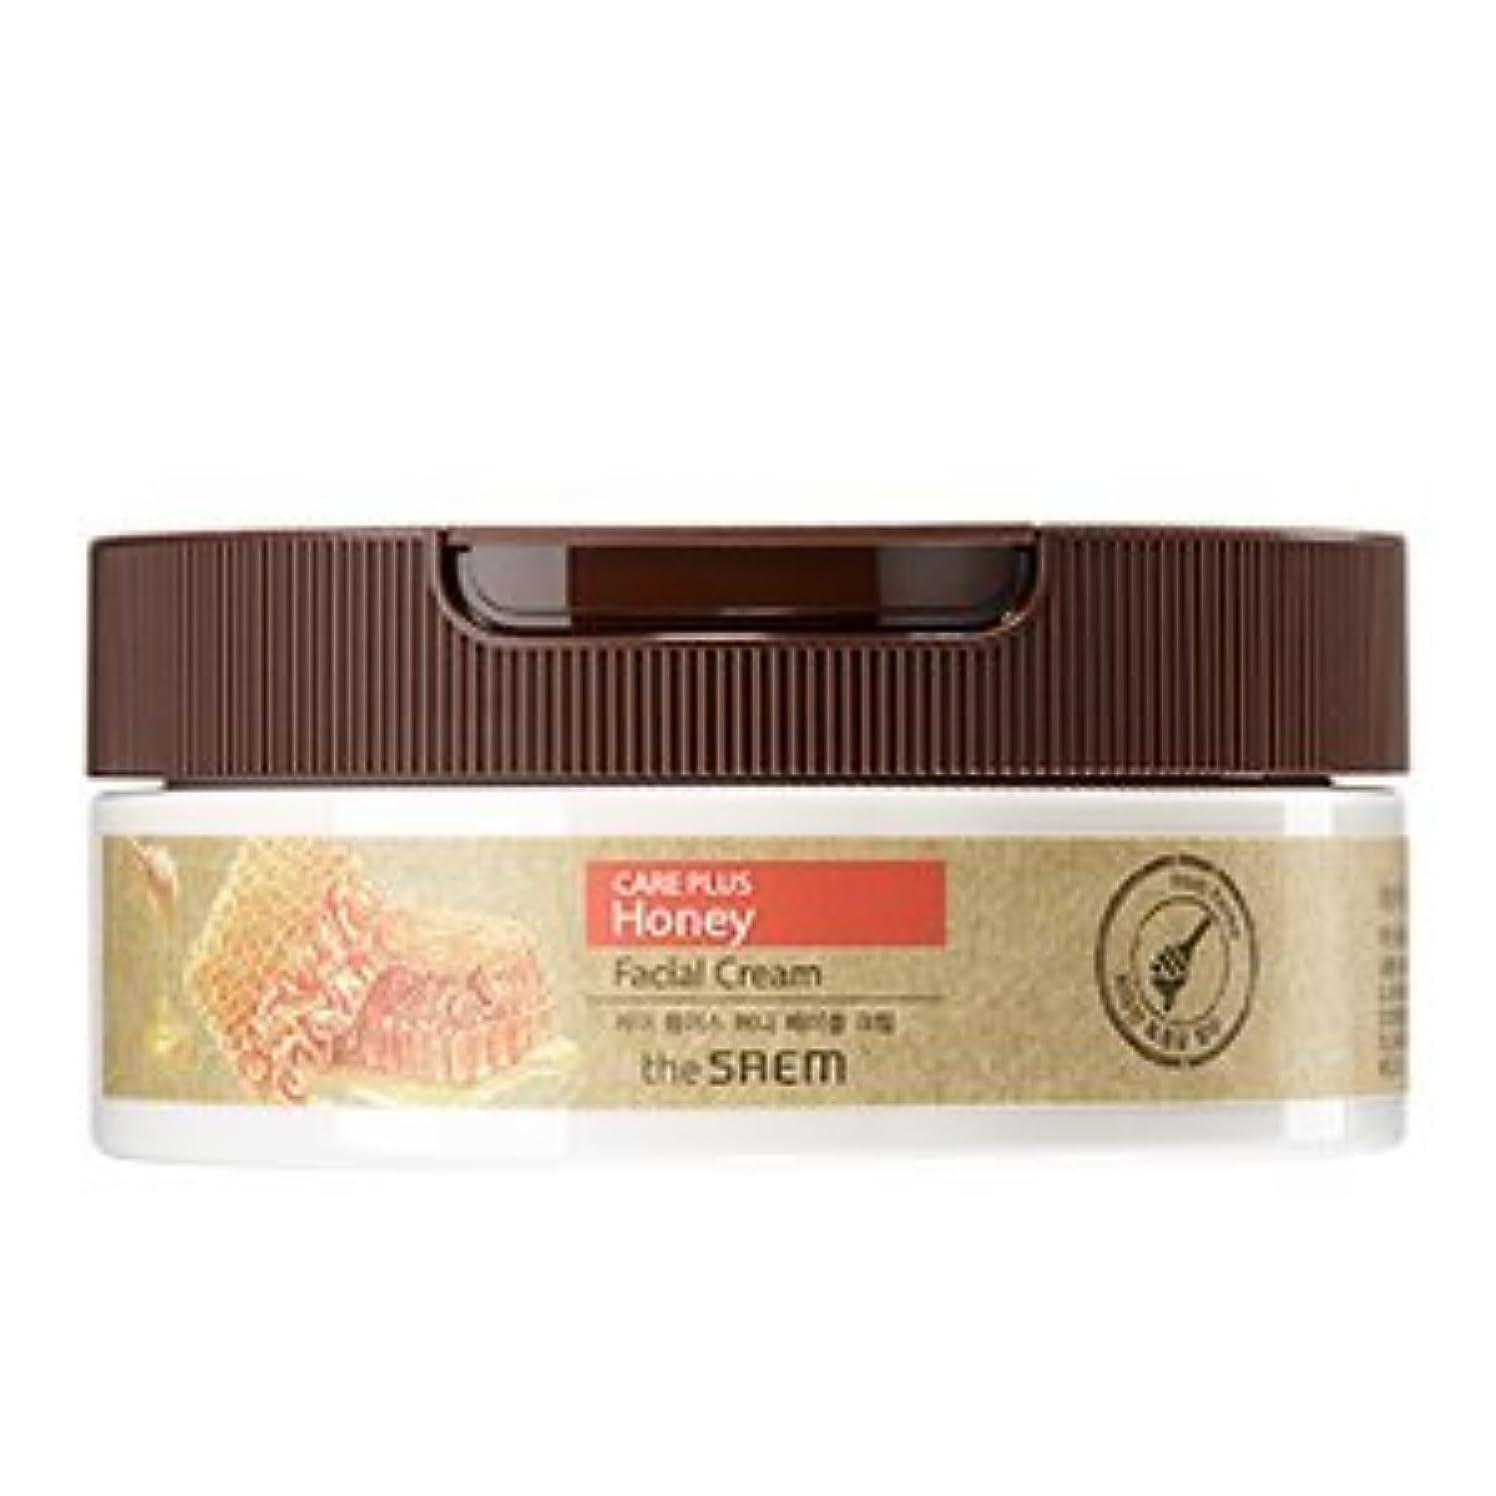 テレマコス十分に超えるthe SAEM Care Plus Honey Facial Cream 200ml/ザセム ケア プラス ハニー フェイシャル クリーム 200ml [並行輸入品]